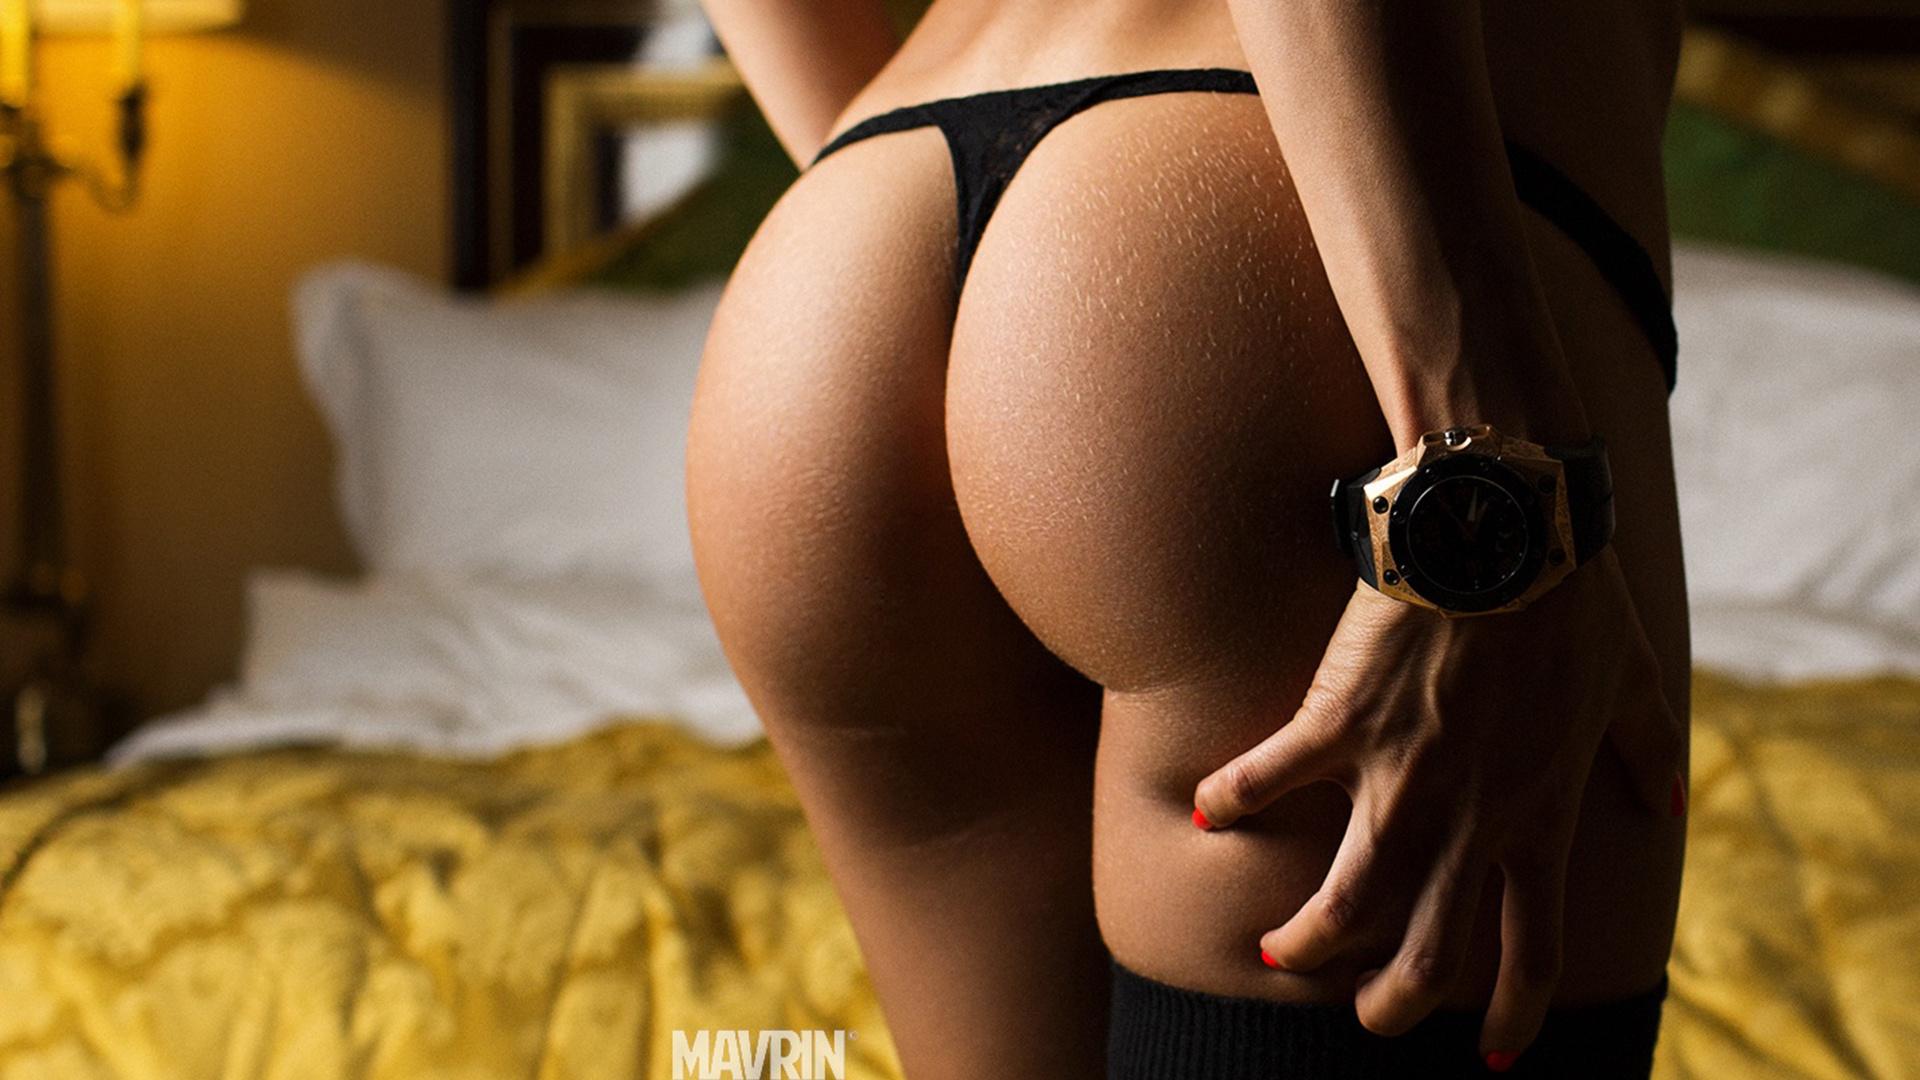 Секс молодых сучкк в стрингах 26 фотография